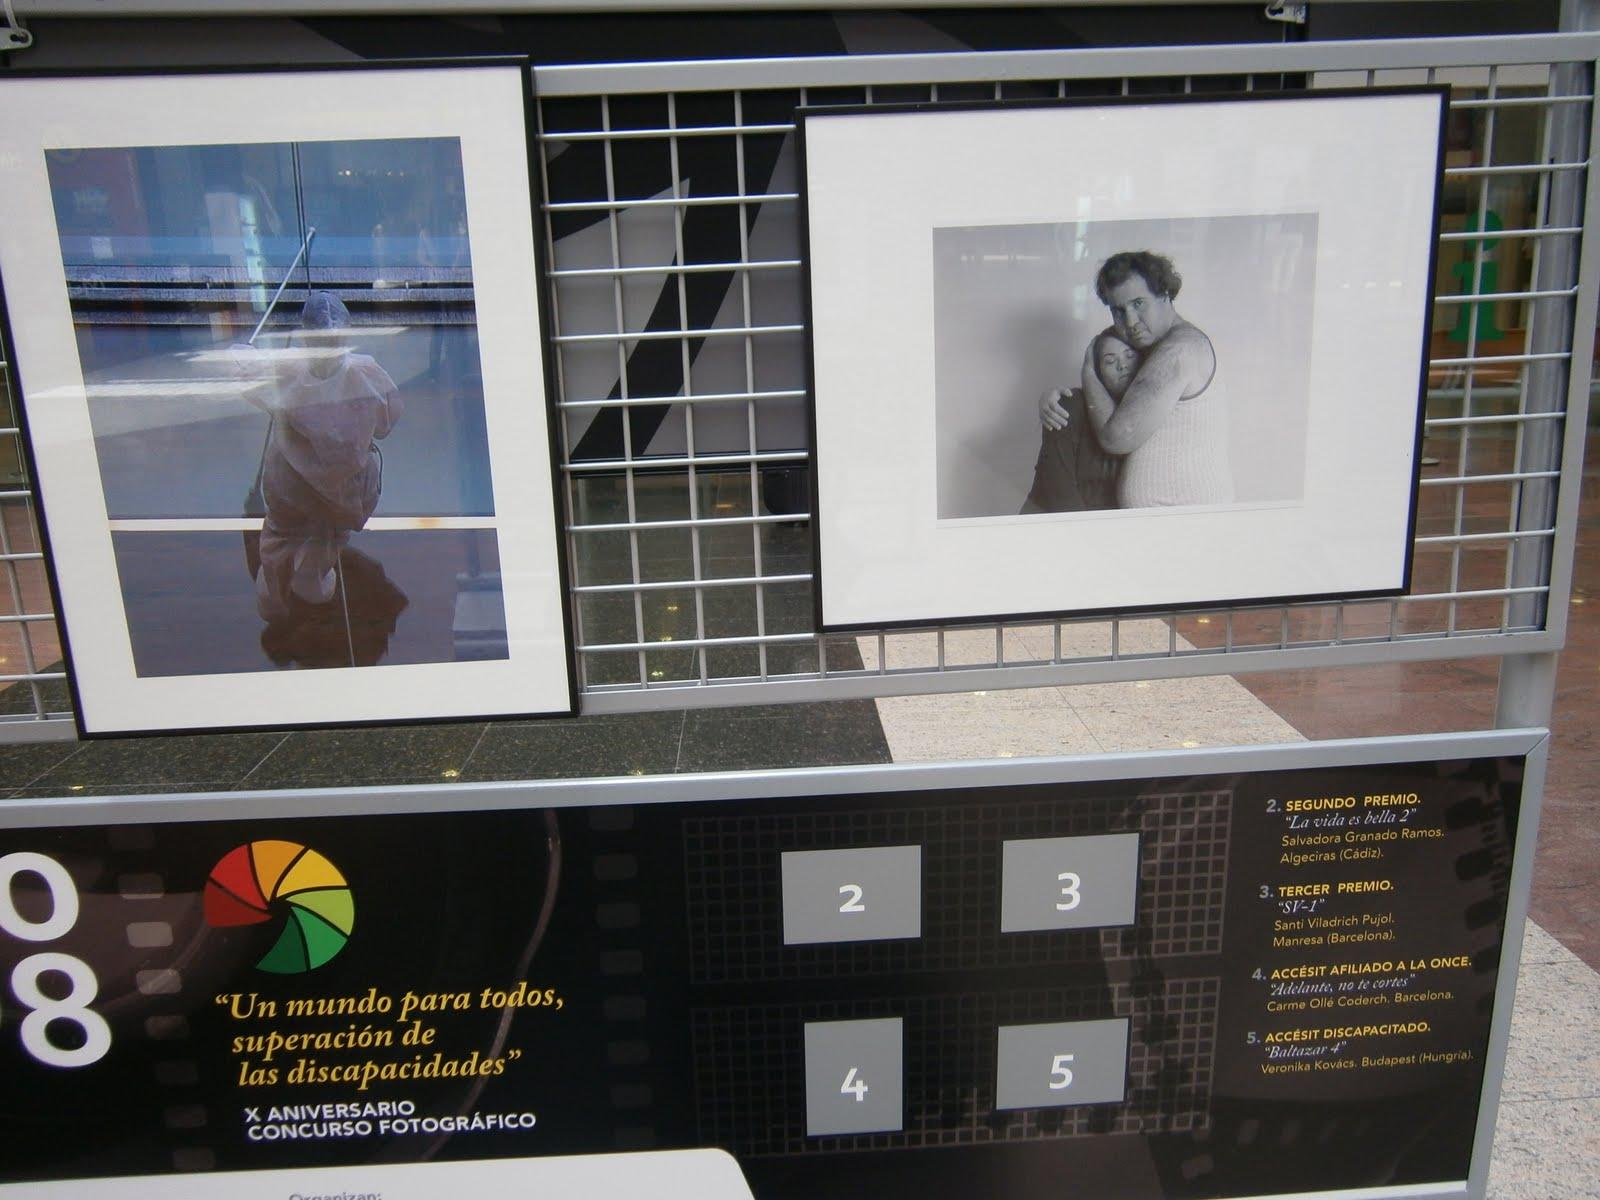 Concurso fotografico clarin 2010 69